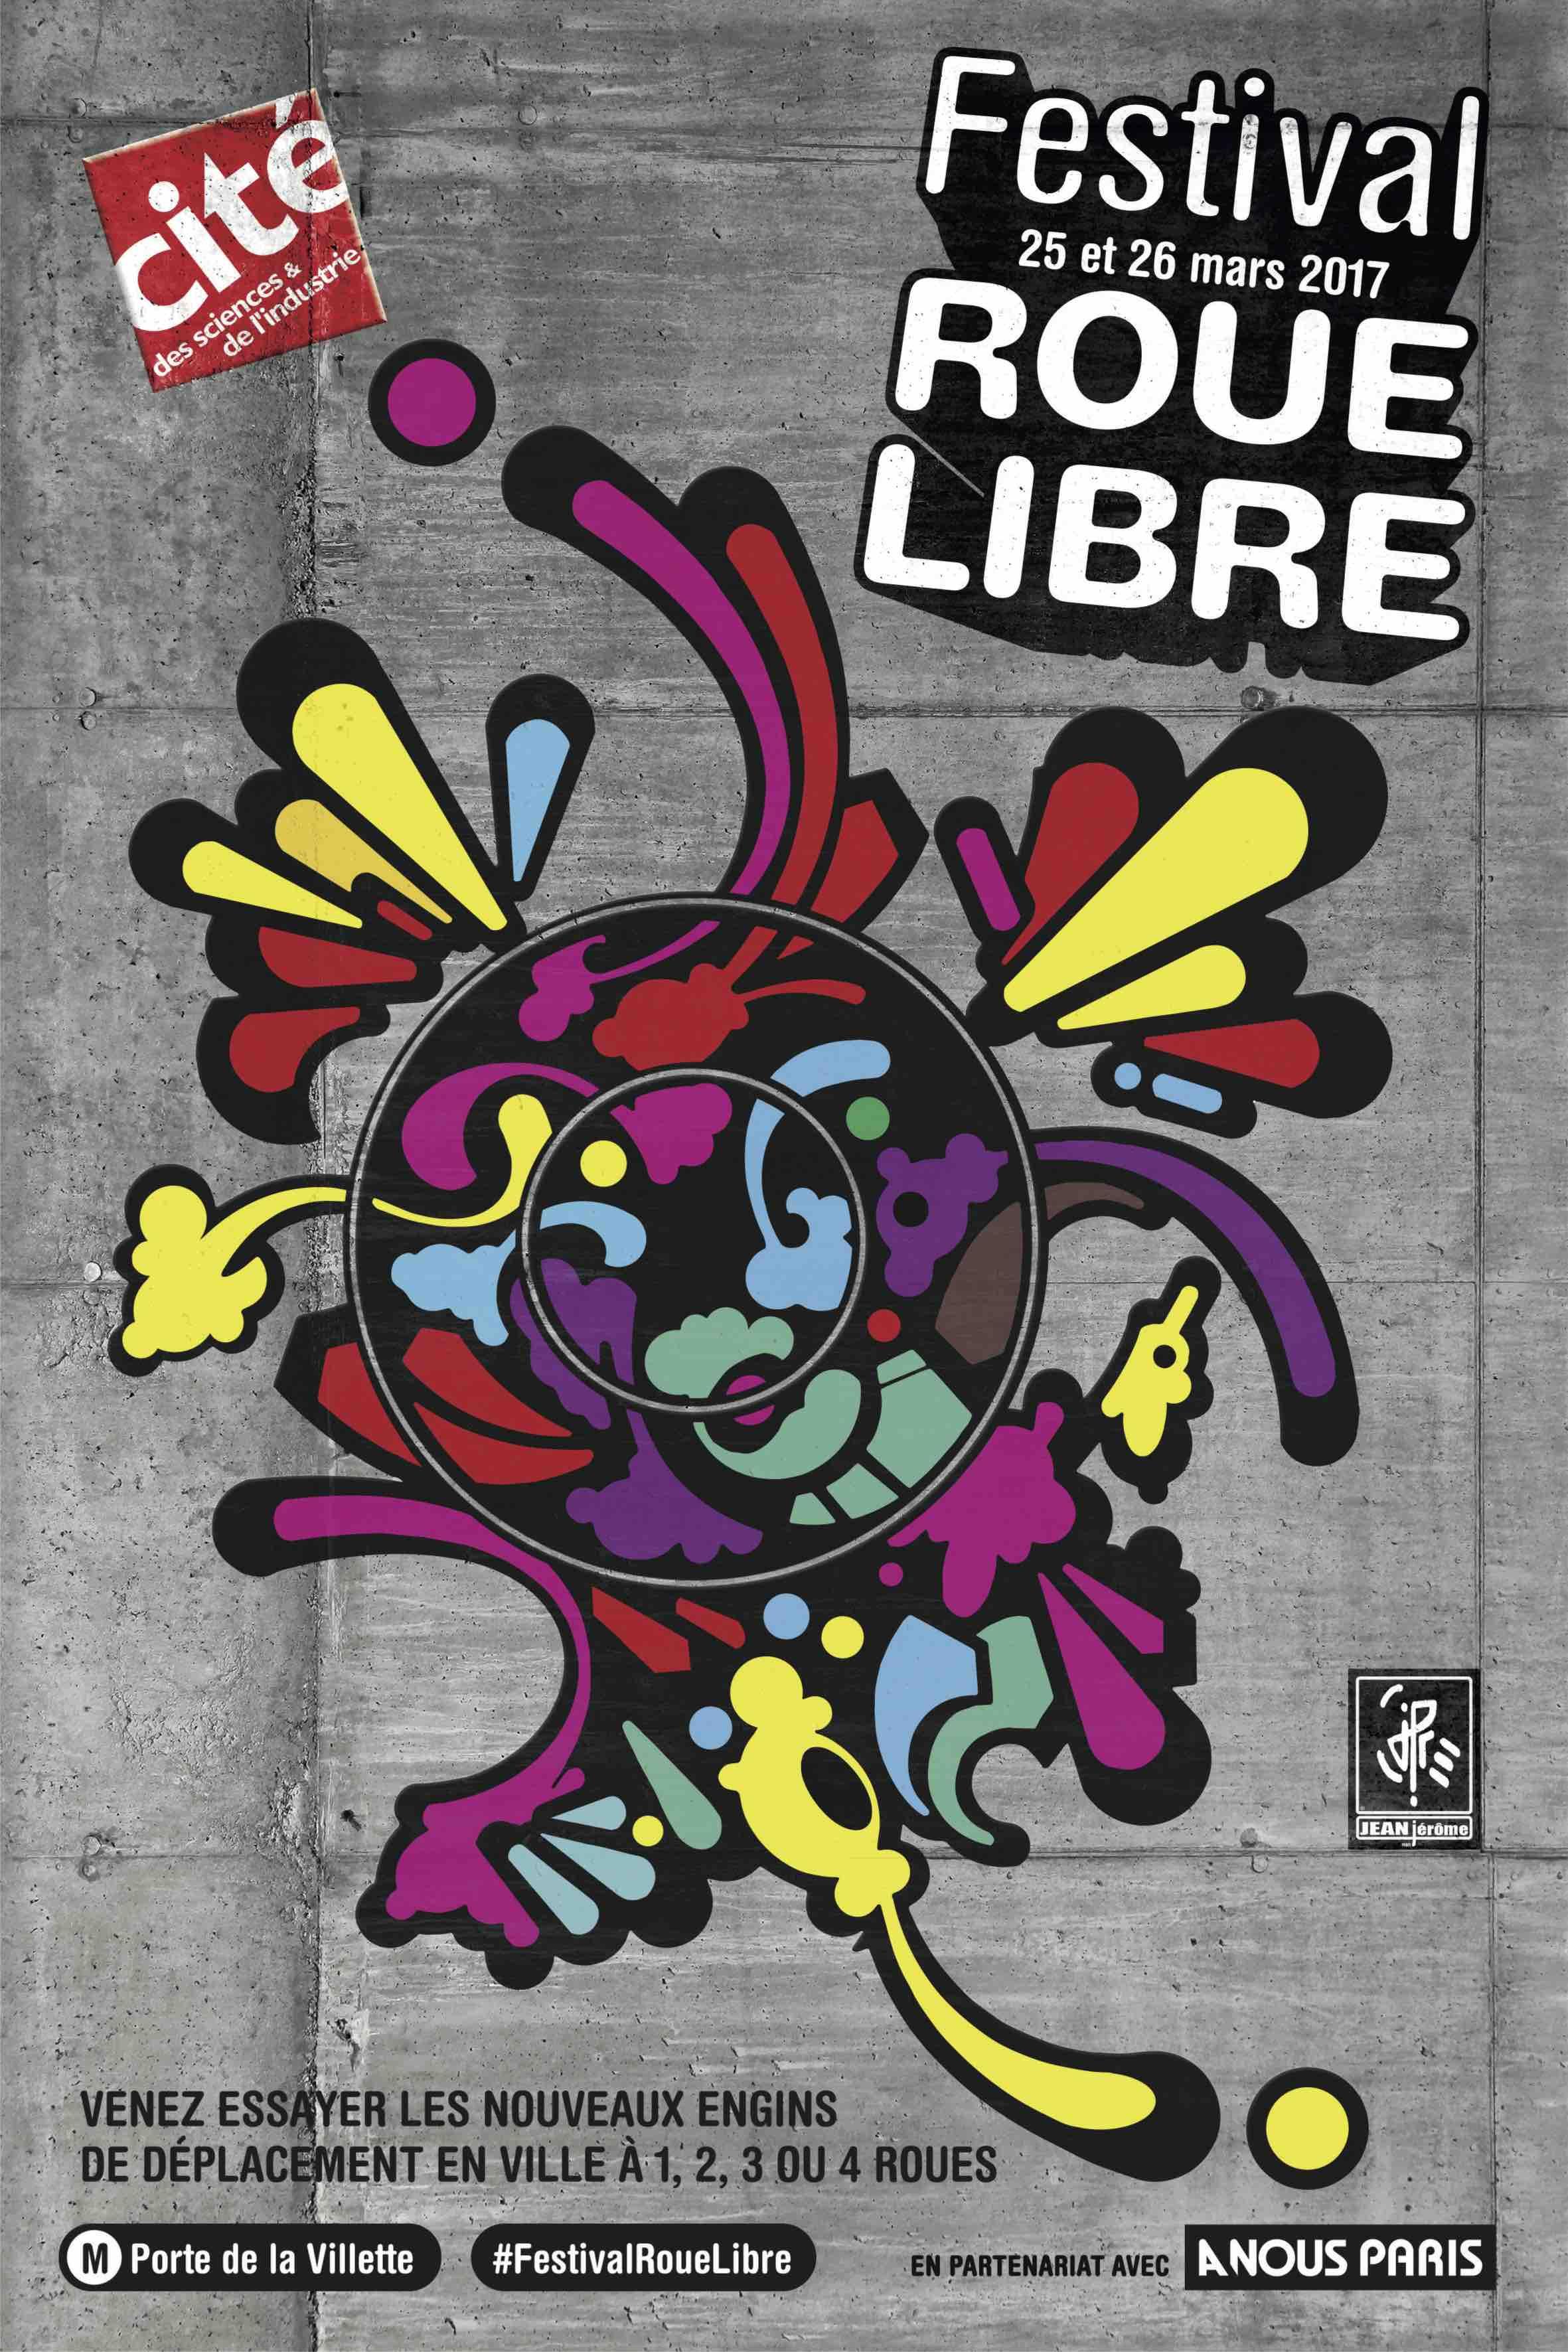 FESTIVAL ROUE LIBRE 1ère édition #FestivalRoueLibre 1